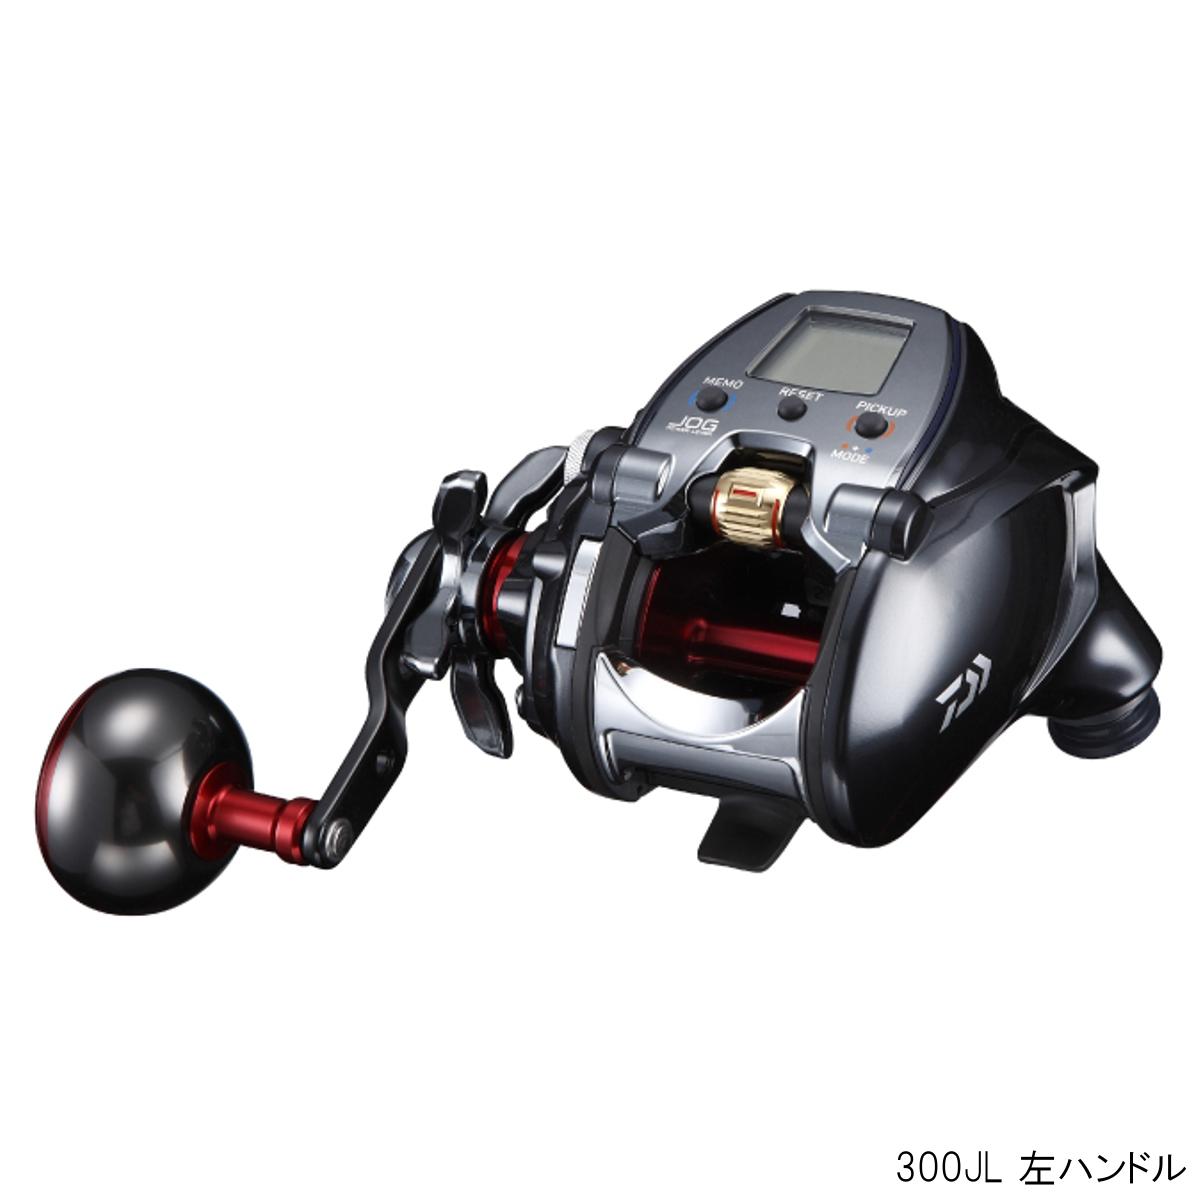 ダイワ シーボーグ 300JL 左ハンドル(東日本店)